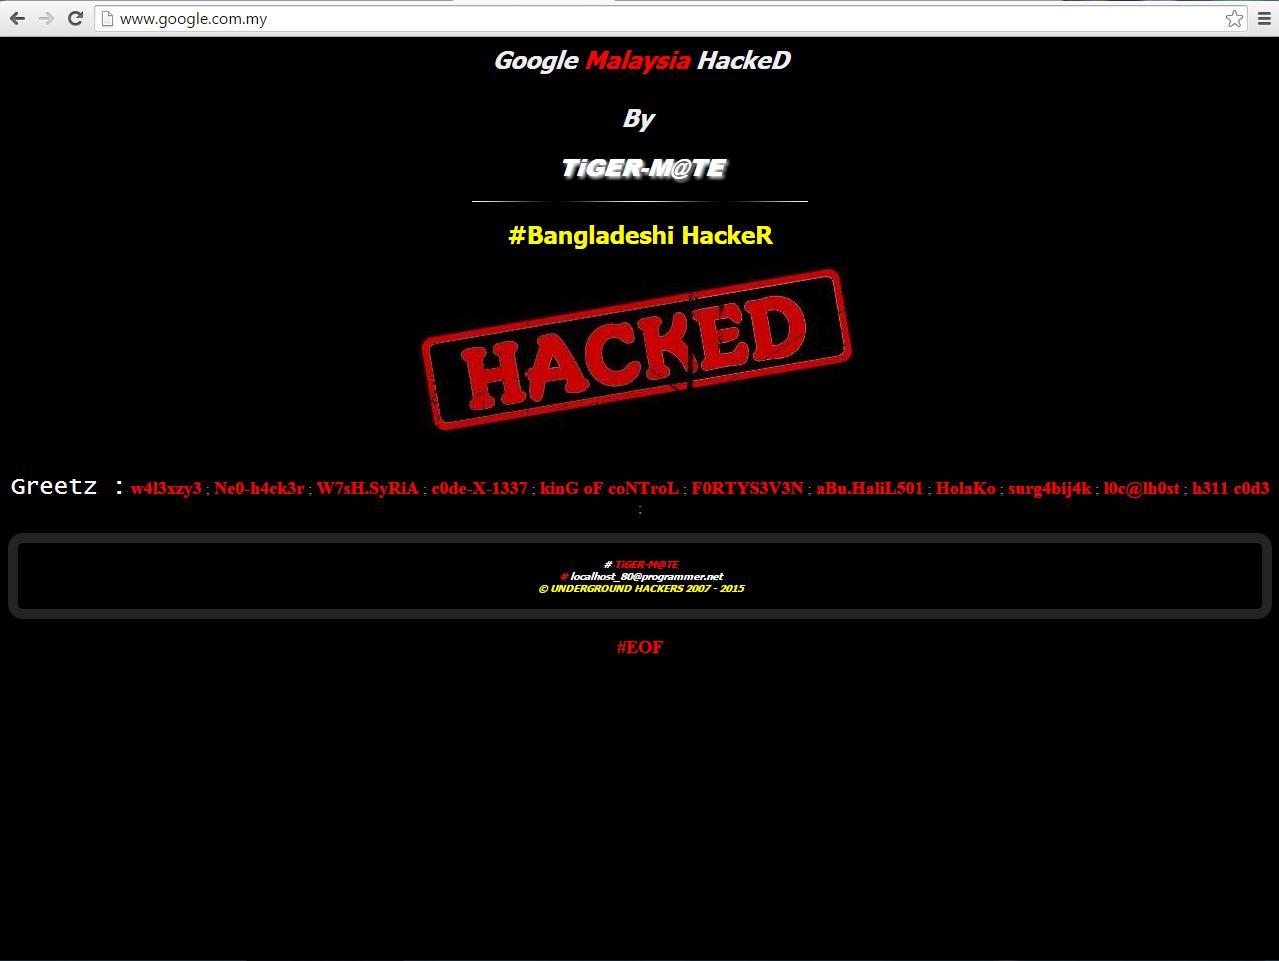 Laman Web Google Dan Youtube Malaysia Digodam